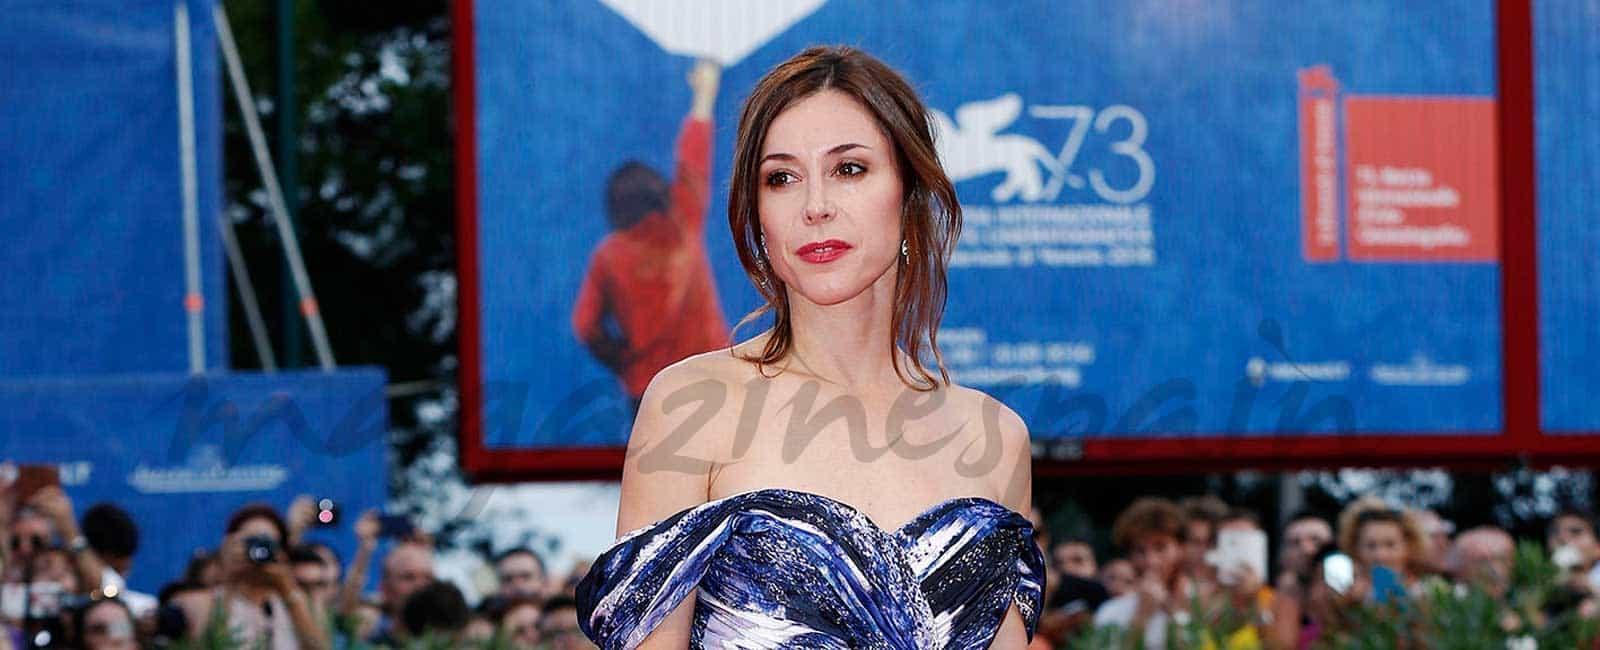 Ruth Díaz premiada en la «Mostra de Venecia»